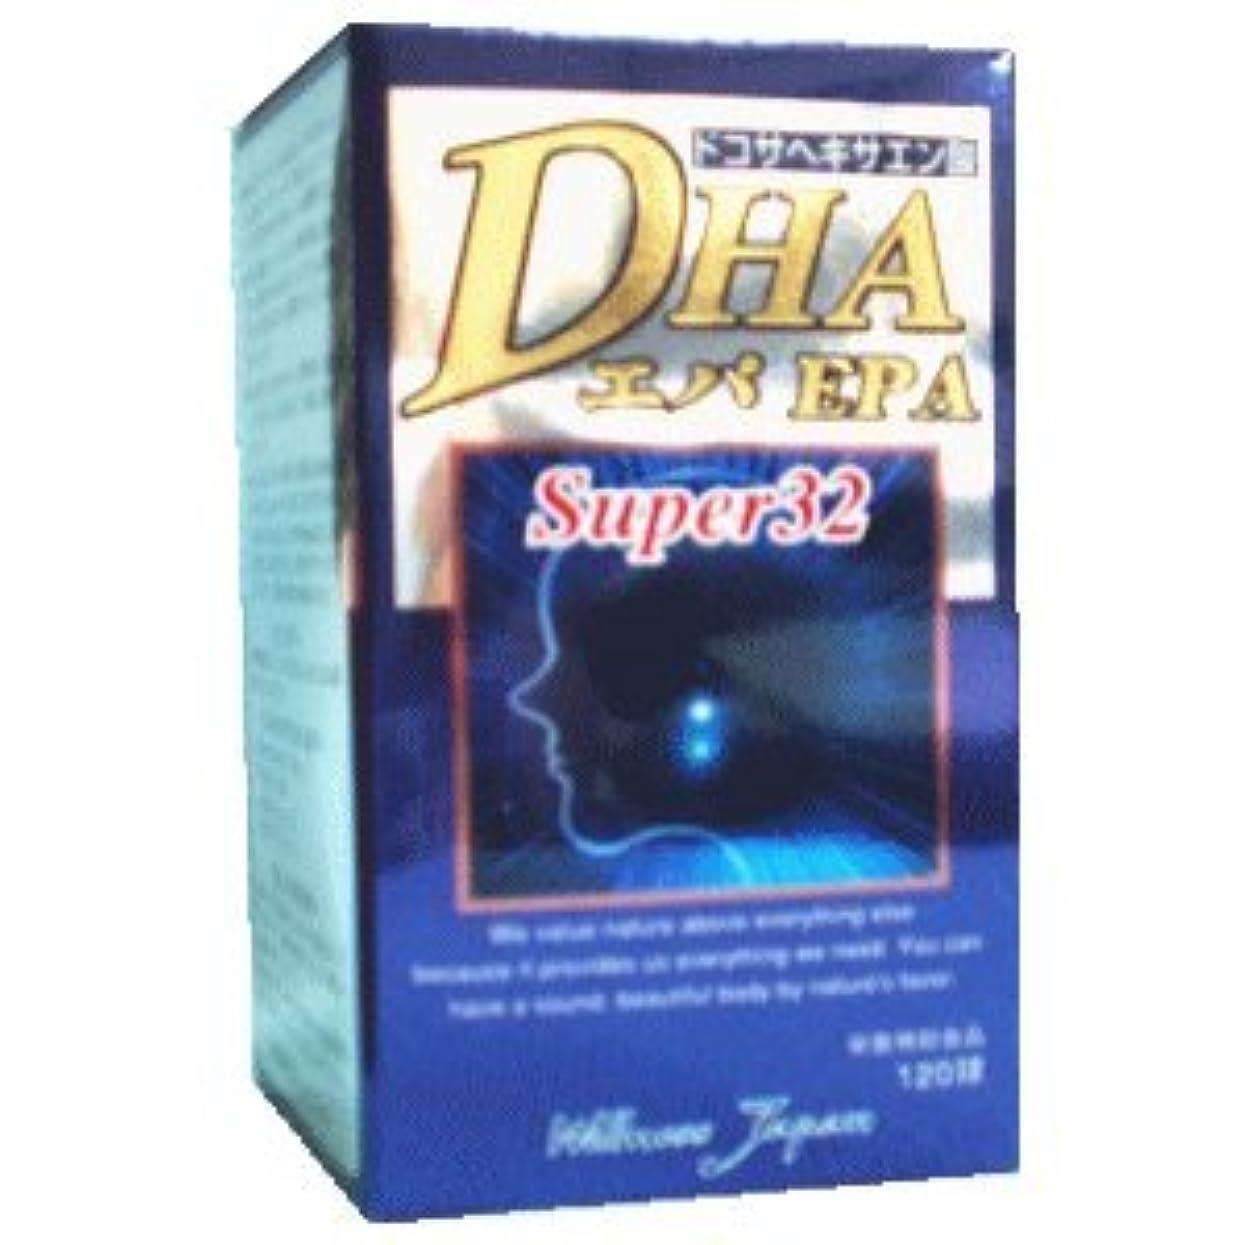 ストライド強風腕DHAエパスーパー32 120球×(3セット)